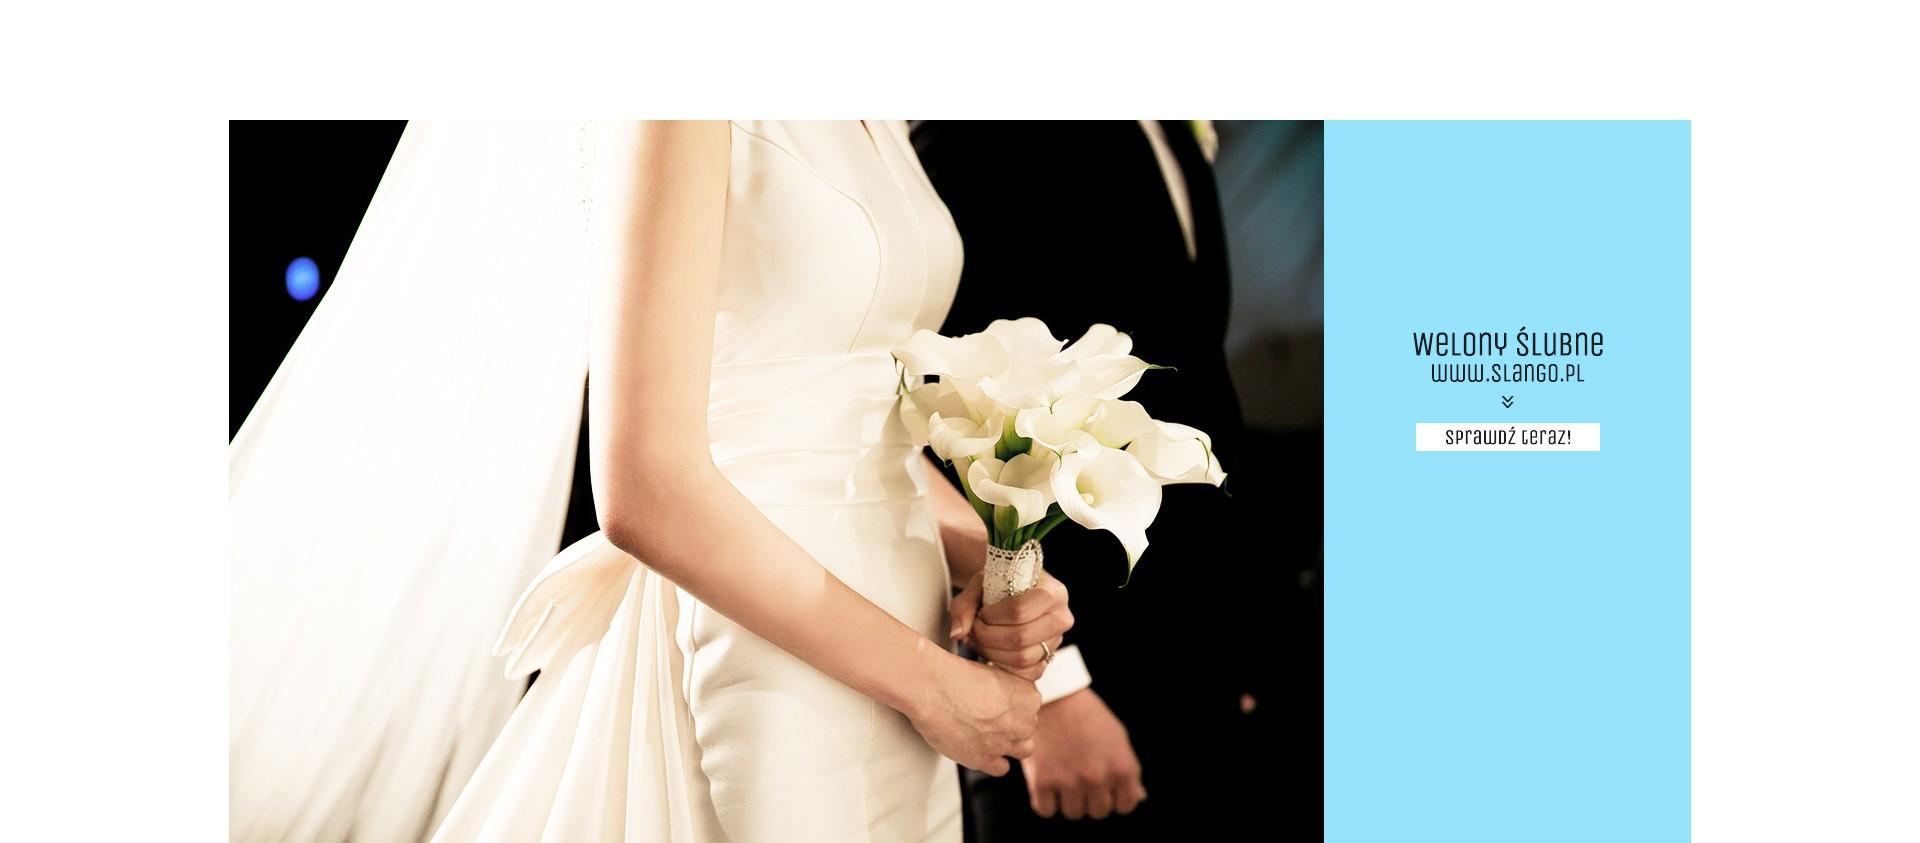 Welony ślubne — sprawdź teraz!